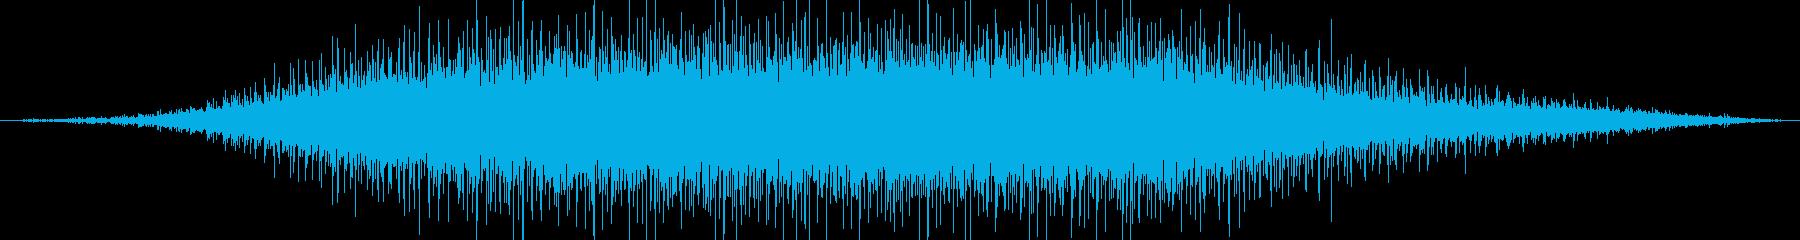 機械 ジグソーエンジンミディアムス...の再生済みの波形